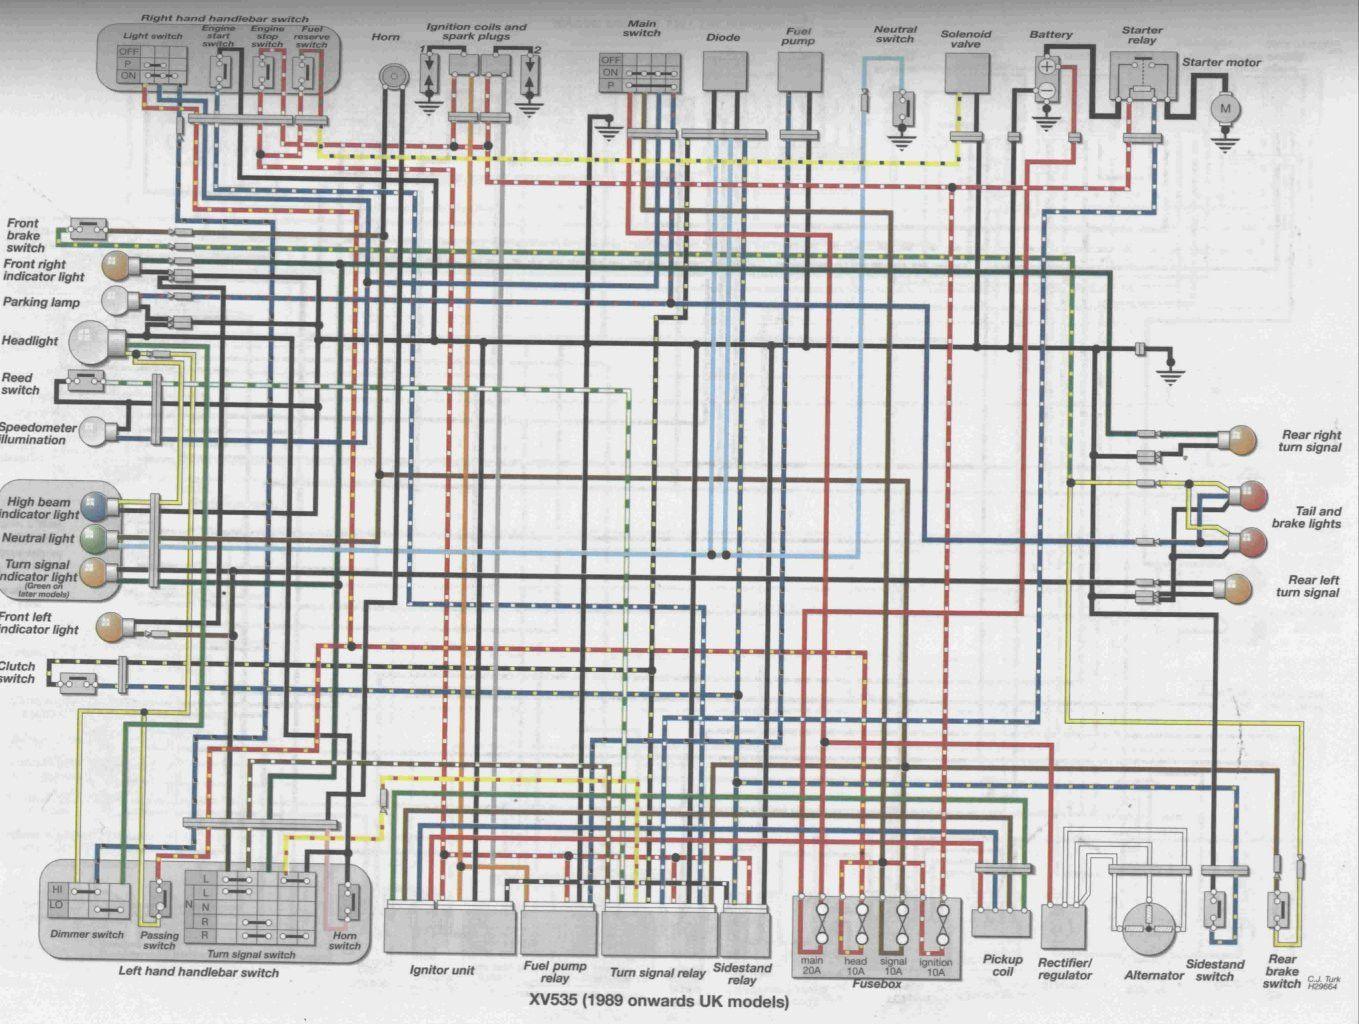 93 yamaha virago wiring diagram wiring diagram fascinating 93 yamaha virago wiring diagram [ 1359 x 1024 Pixel ]